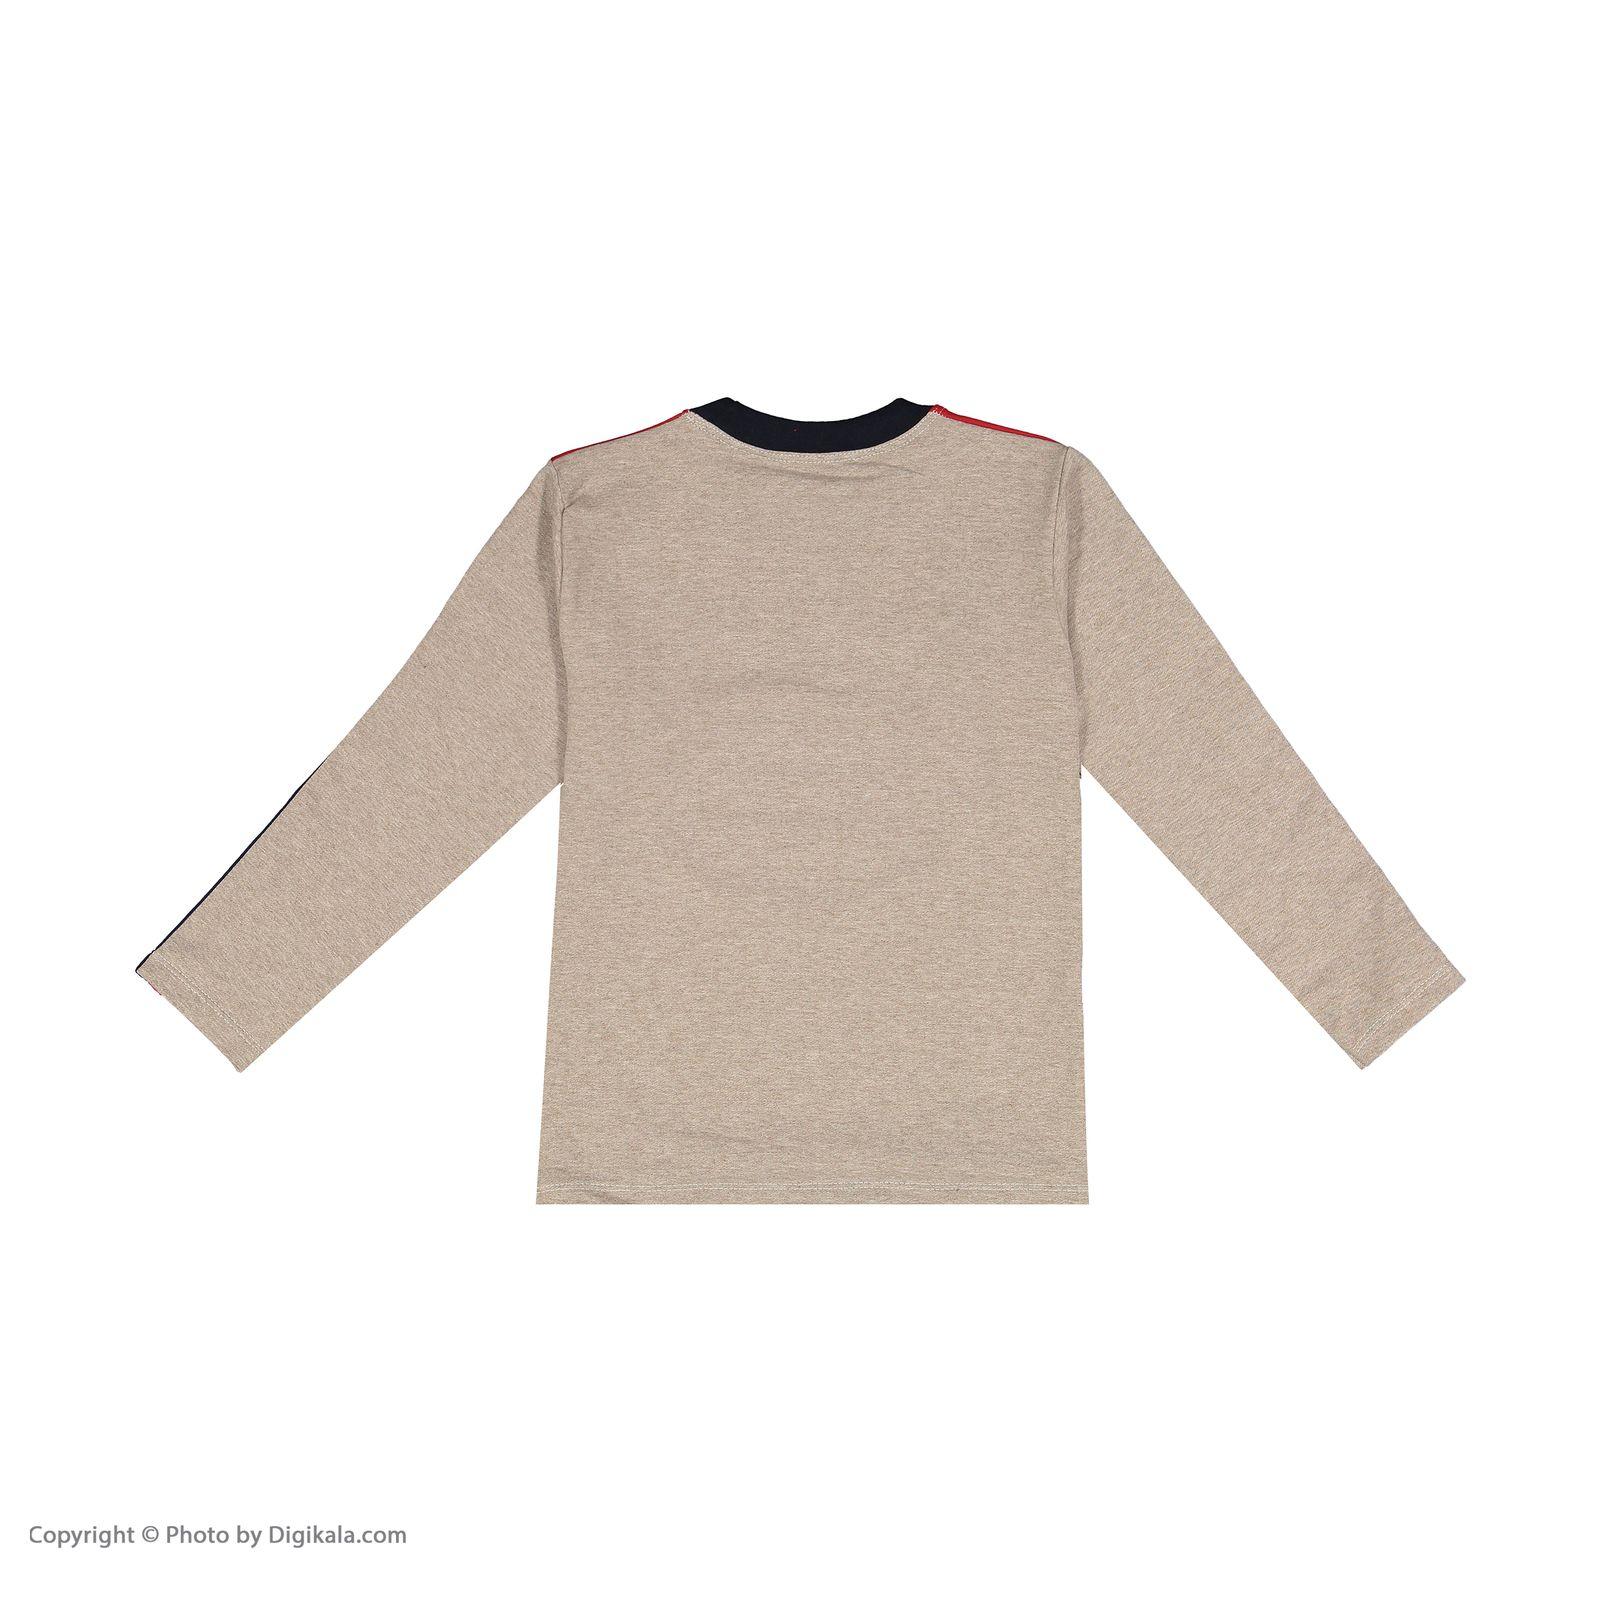 ست تی شرت و شلوار پسرانه سیدونا مدل KSI6003-031 -  - 4